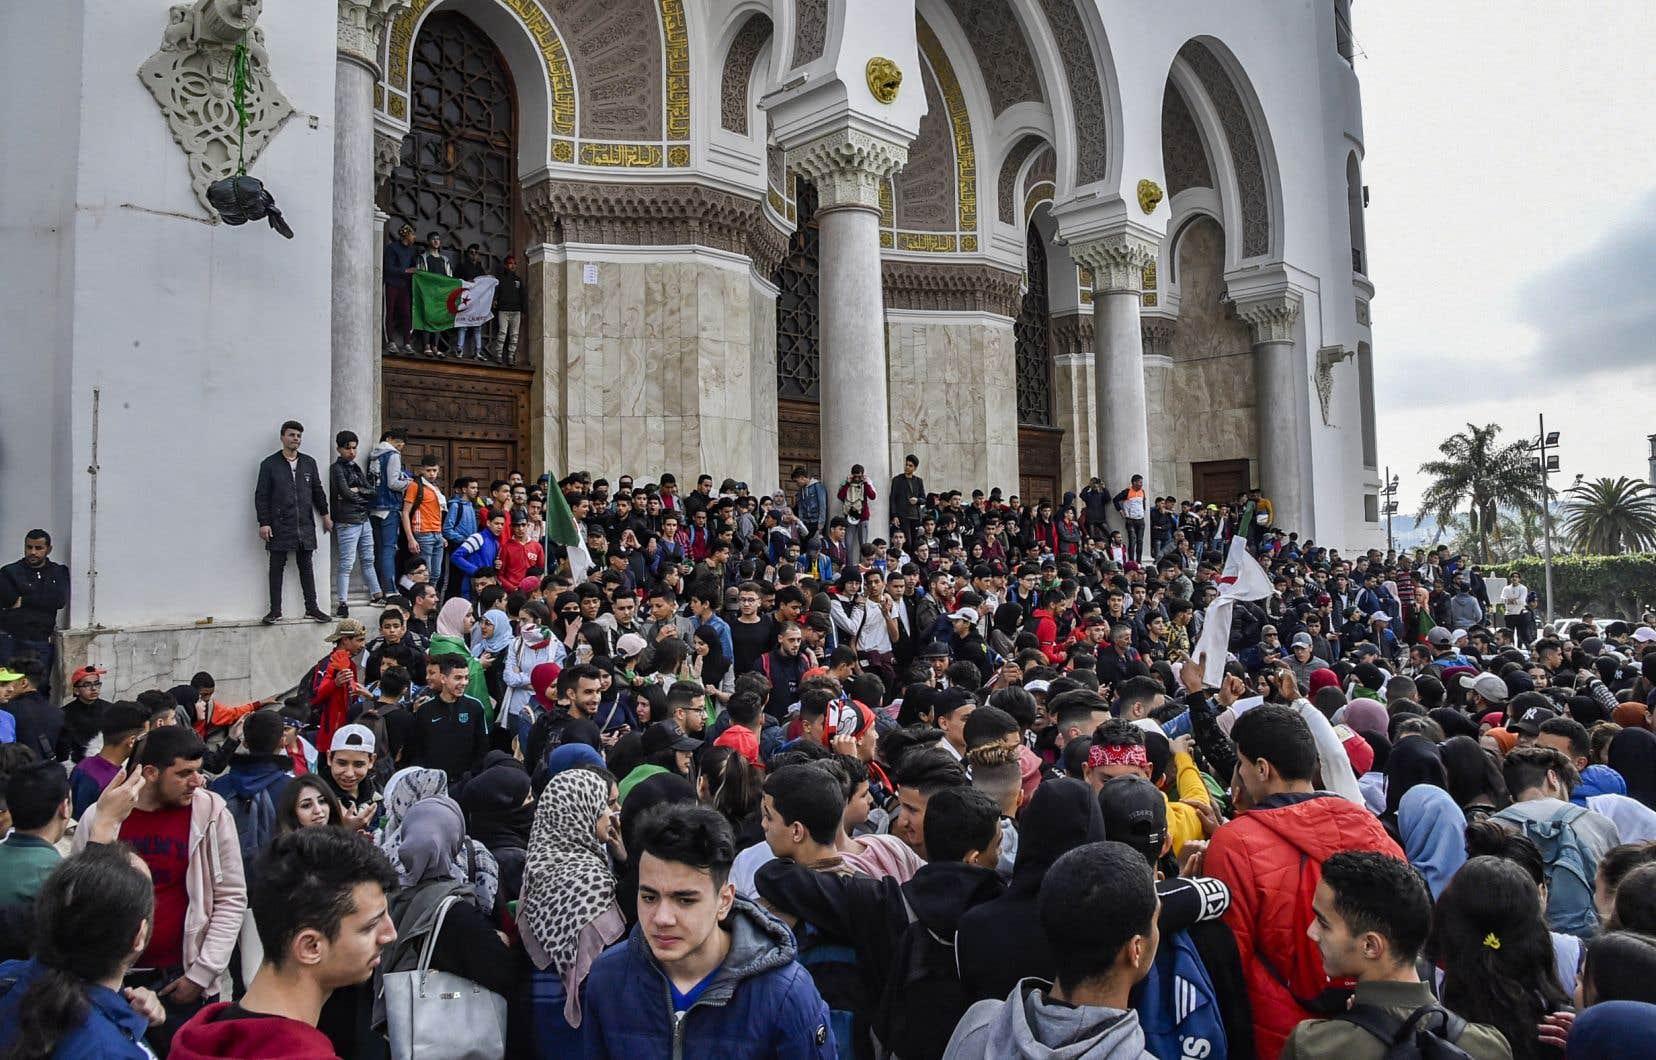 Dans le centre d'Alger, un millier d'élèves, drapeaux algériens à la main ou noués autour du cou pour certains, se sont rassemblés en criant notamment: «Hé, Bouteflika, pas de 5emandat».